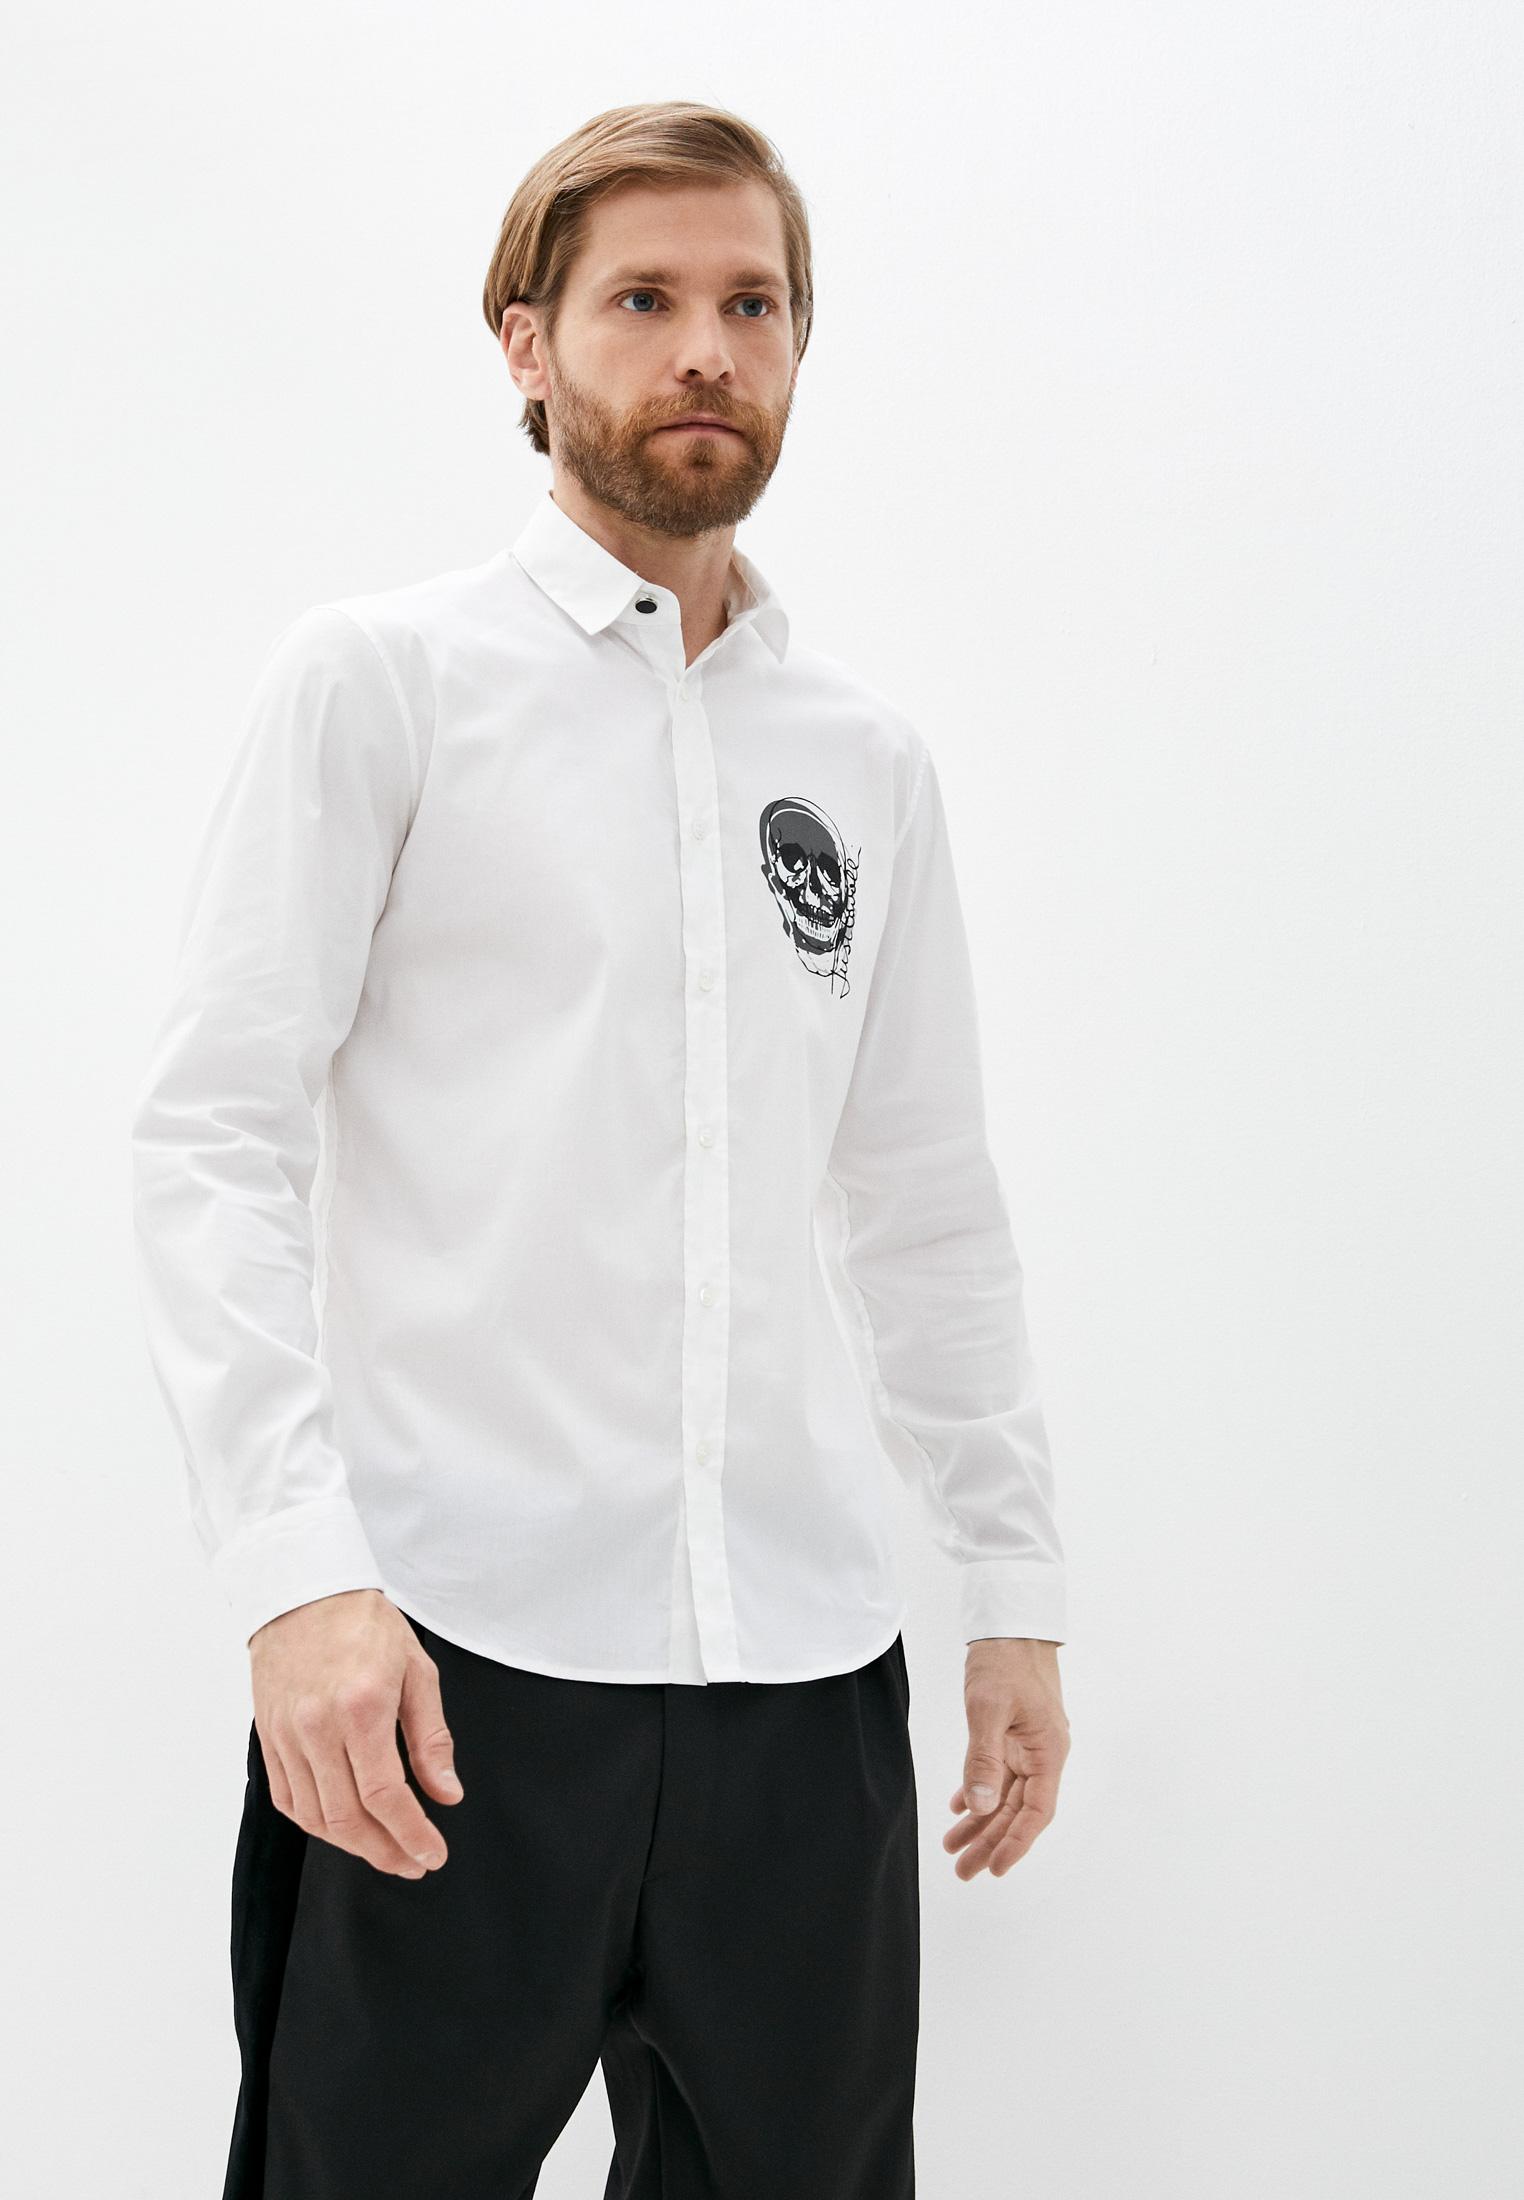 Рубашка с длинным рукавом Just Cavalli (Джаст Кавалли) Рубашка Just Cavalli